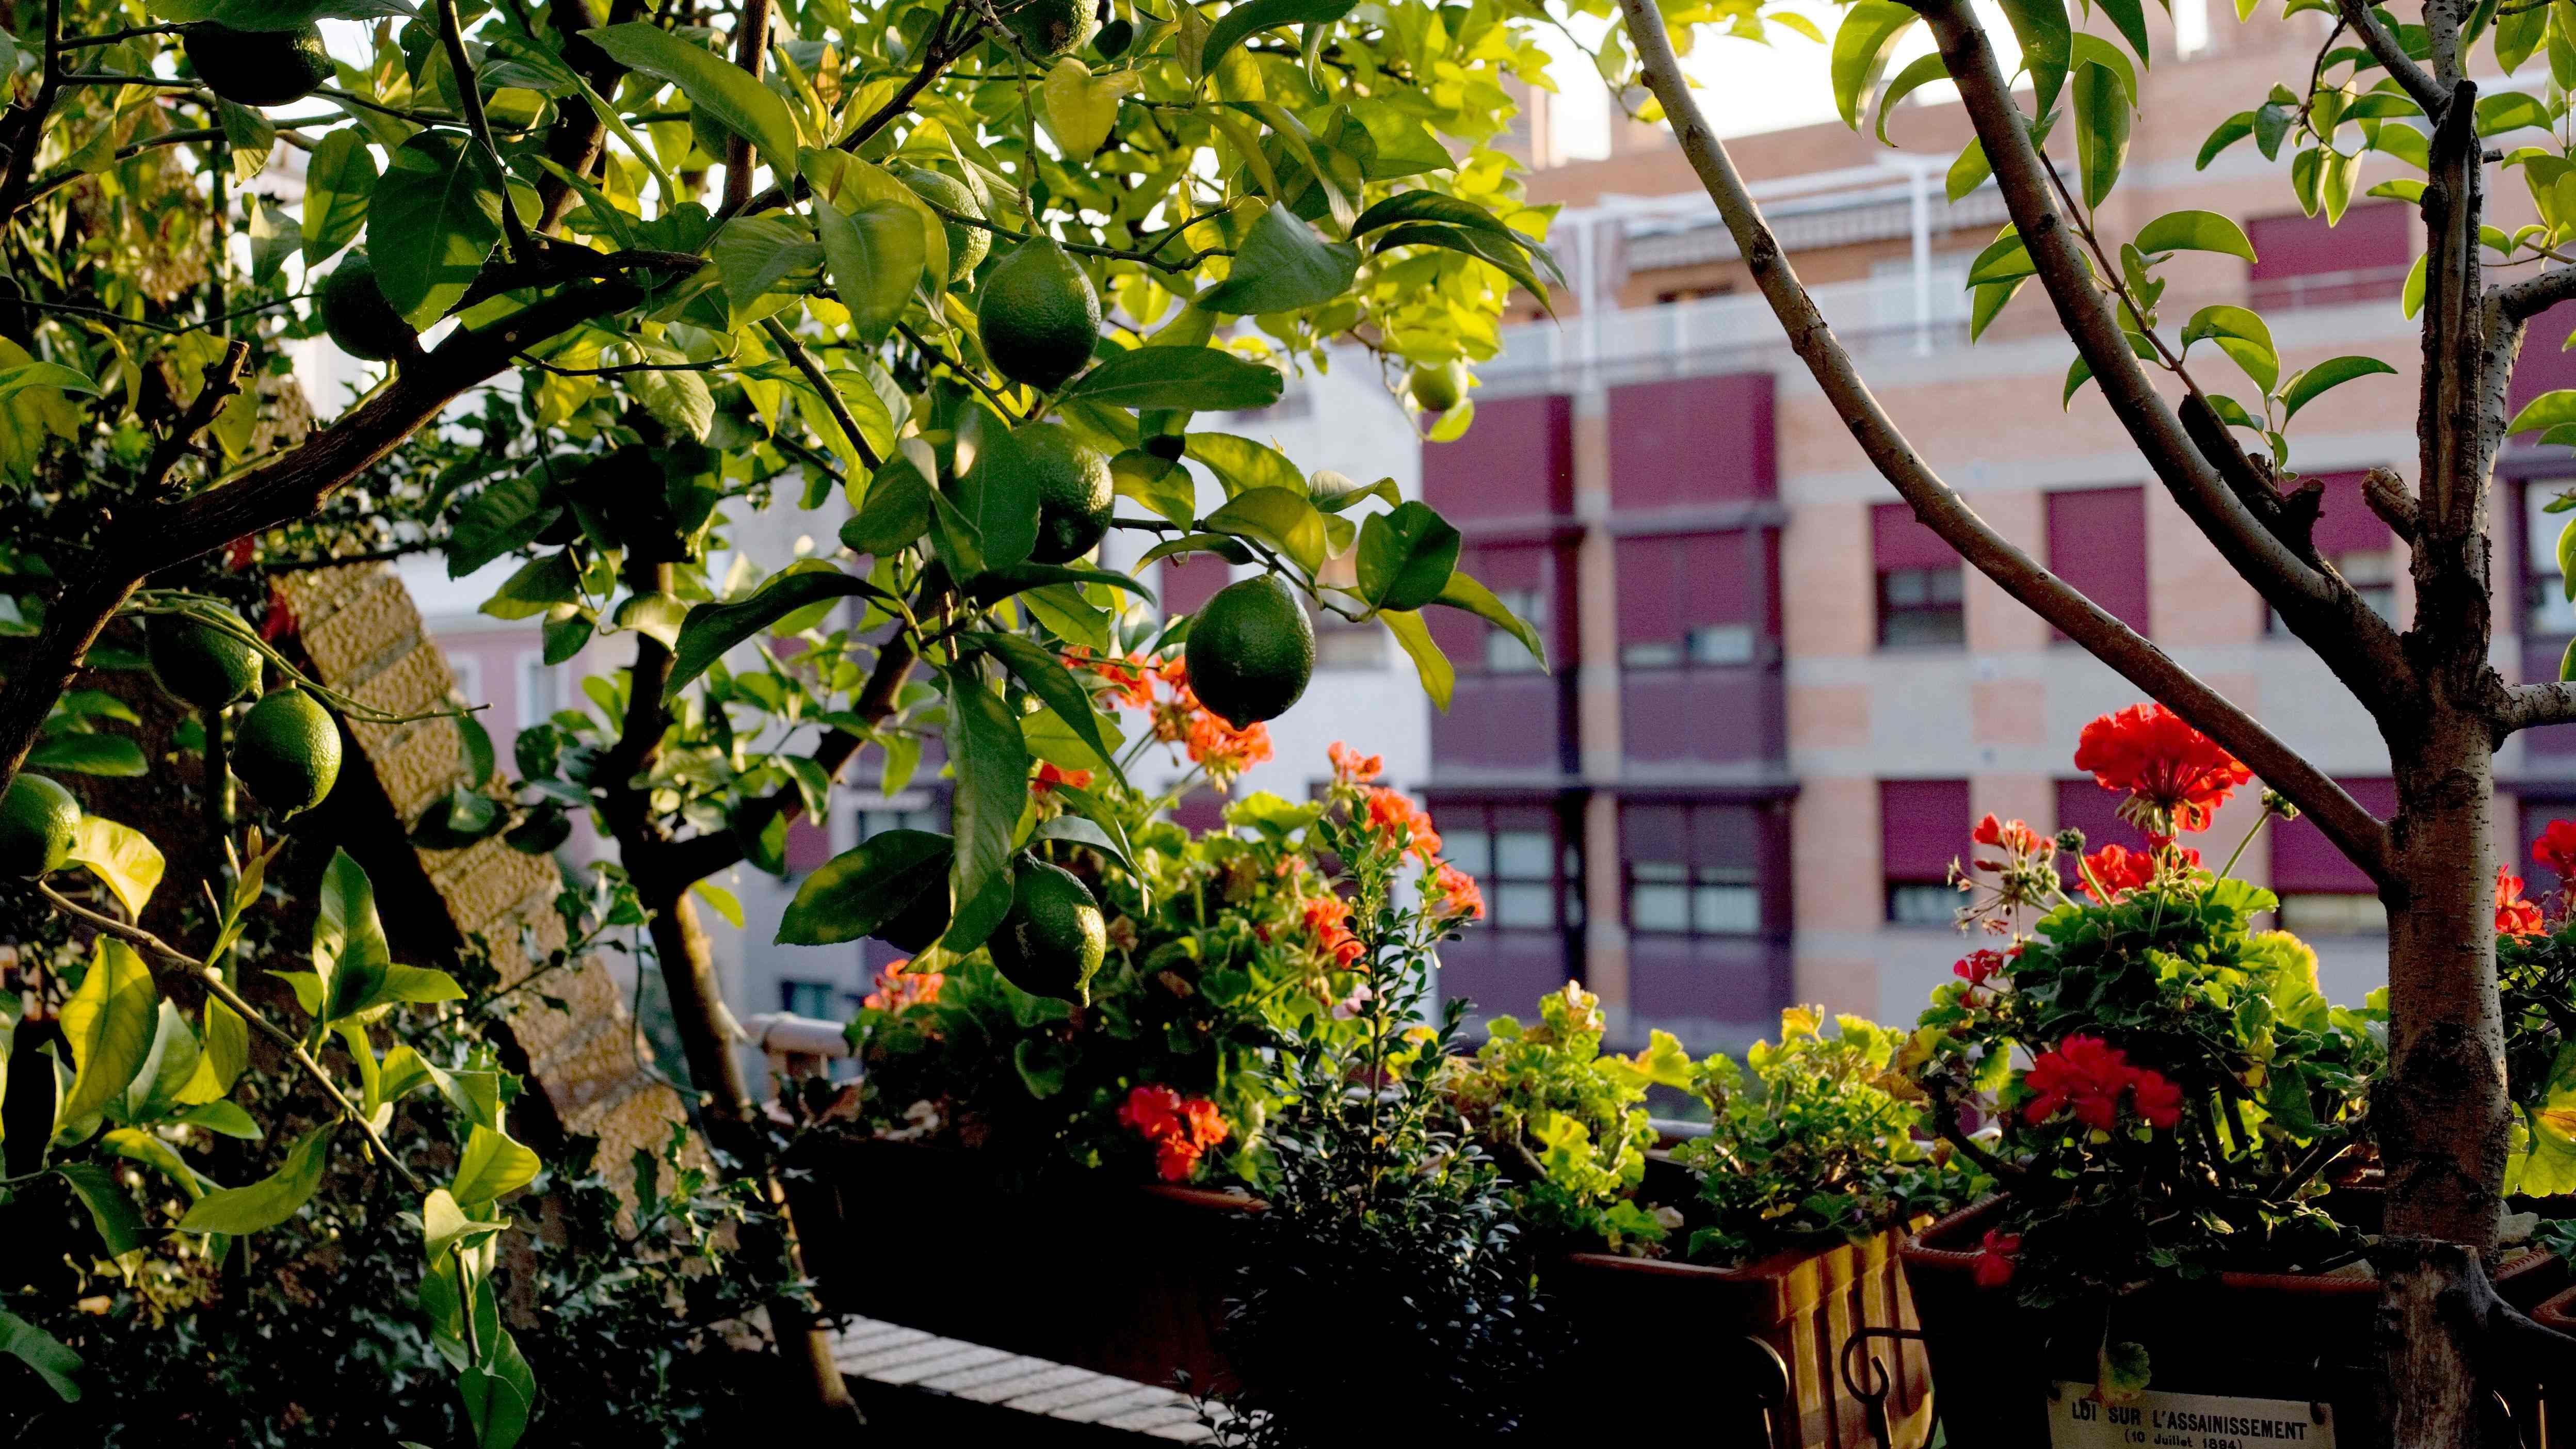 Cómo elegir árboles y arbustos para balcones y terrazas